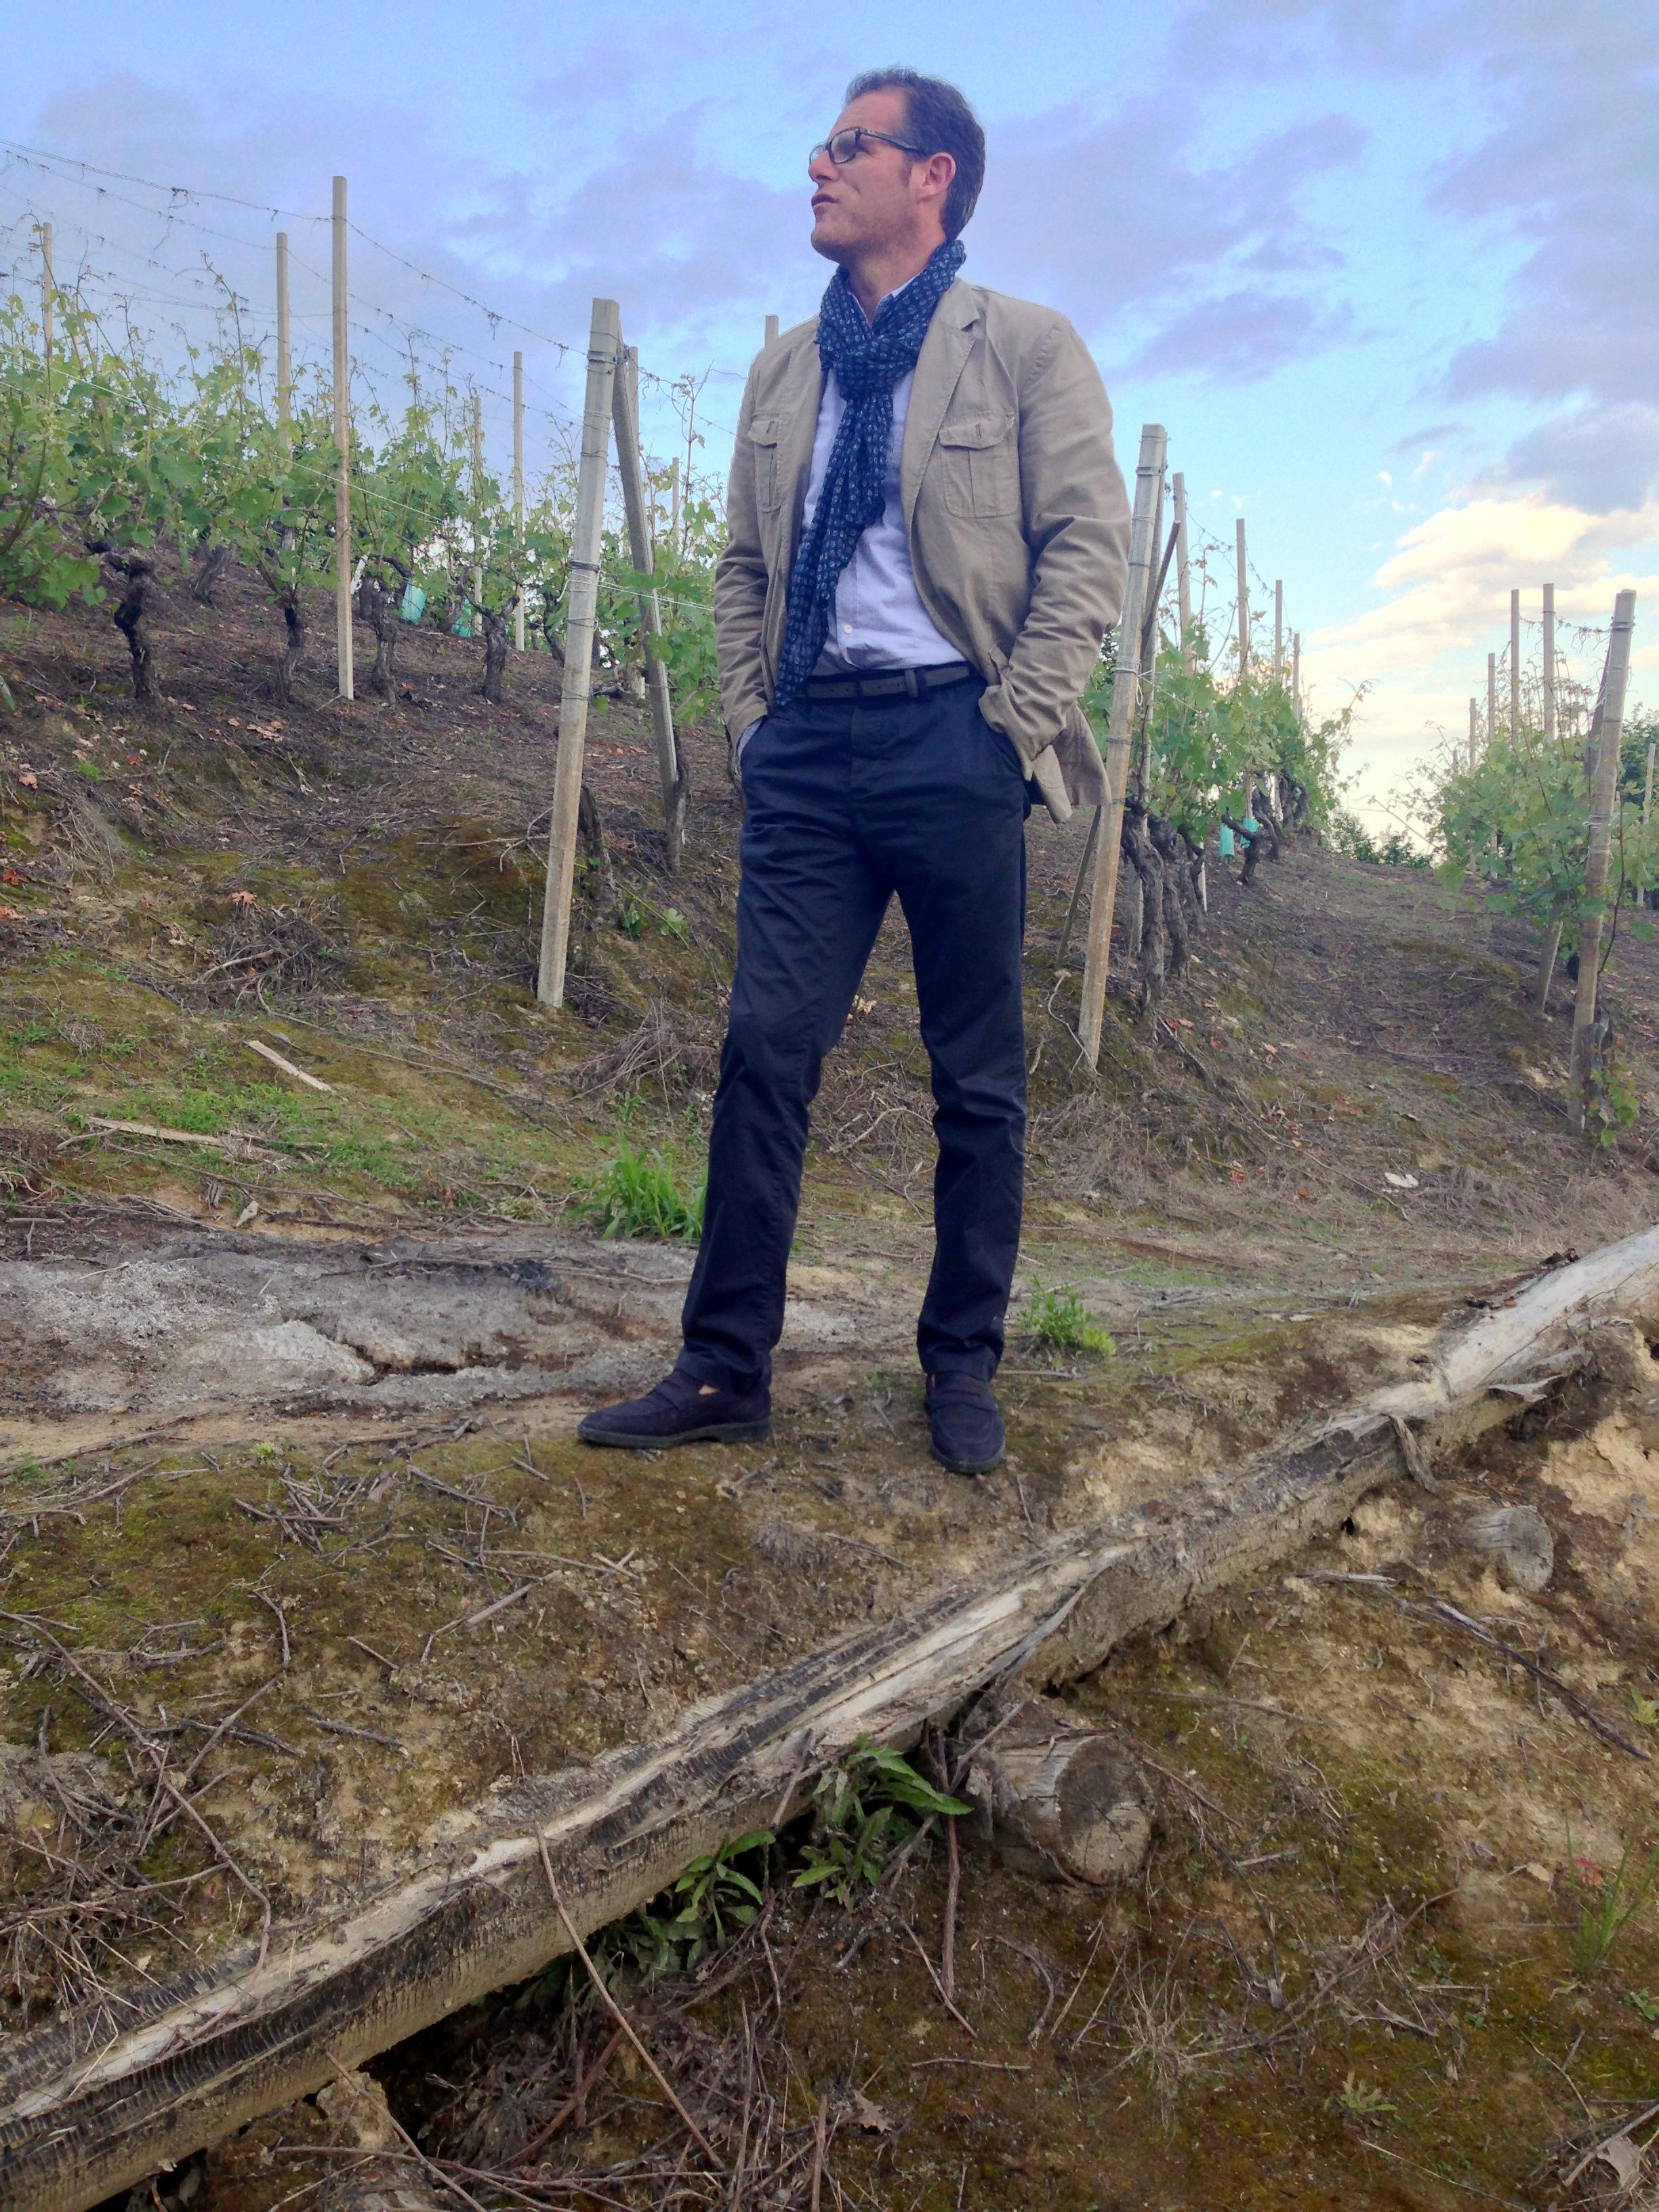 Gianni Abrigo in his vertical Valmaggiore plot.